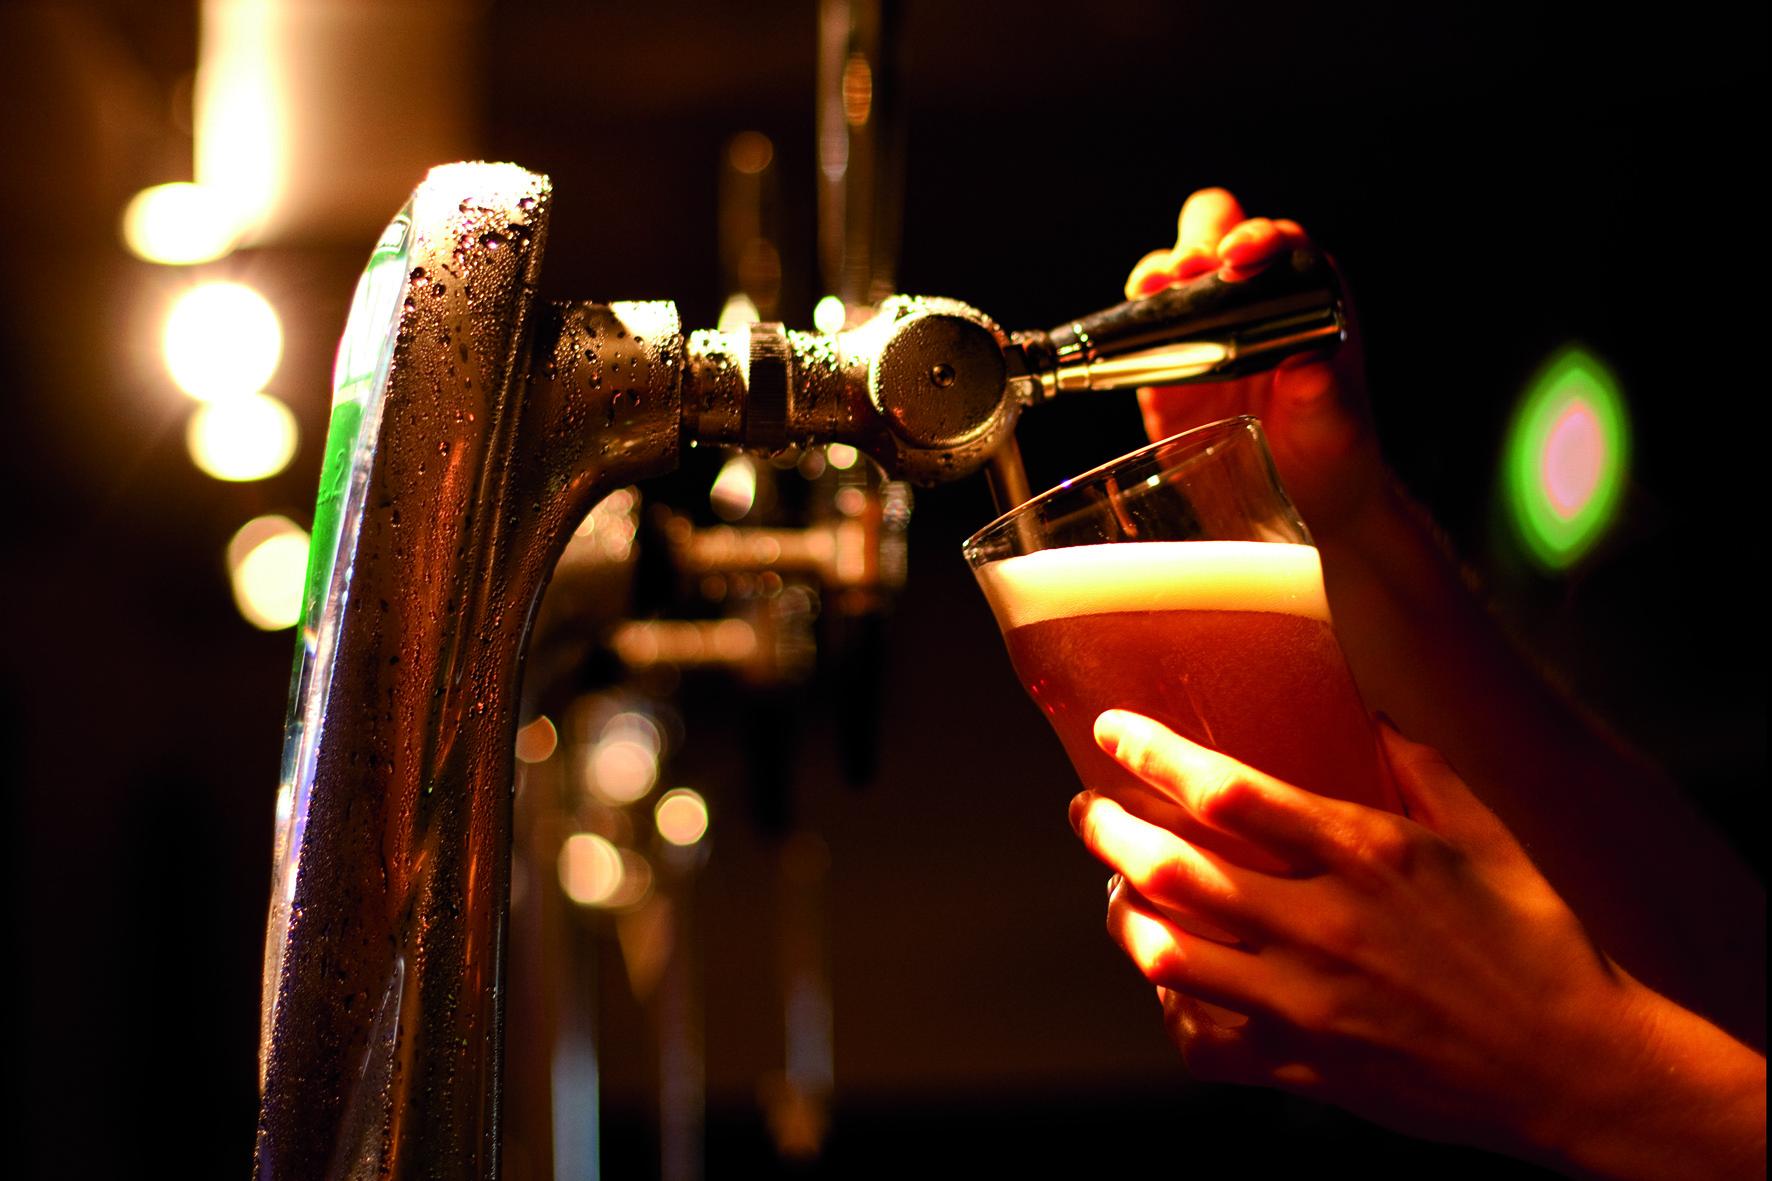 En lançant 8 bières en 2016, dont la Hopster, une référence revendiquant sa saveur houblonnée, l'enseigne de brewpubs FrogPubs compte réaffirmer son rôle de précurseur sur le marché de la bière artisanale. Elle développe également son réseau, à Paris.